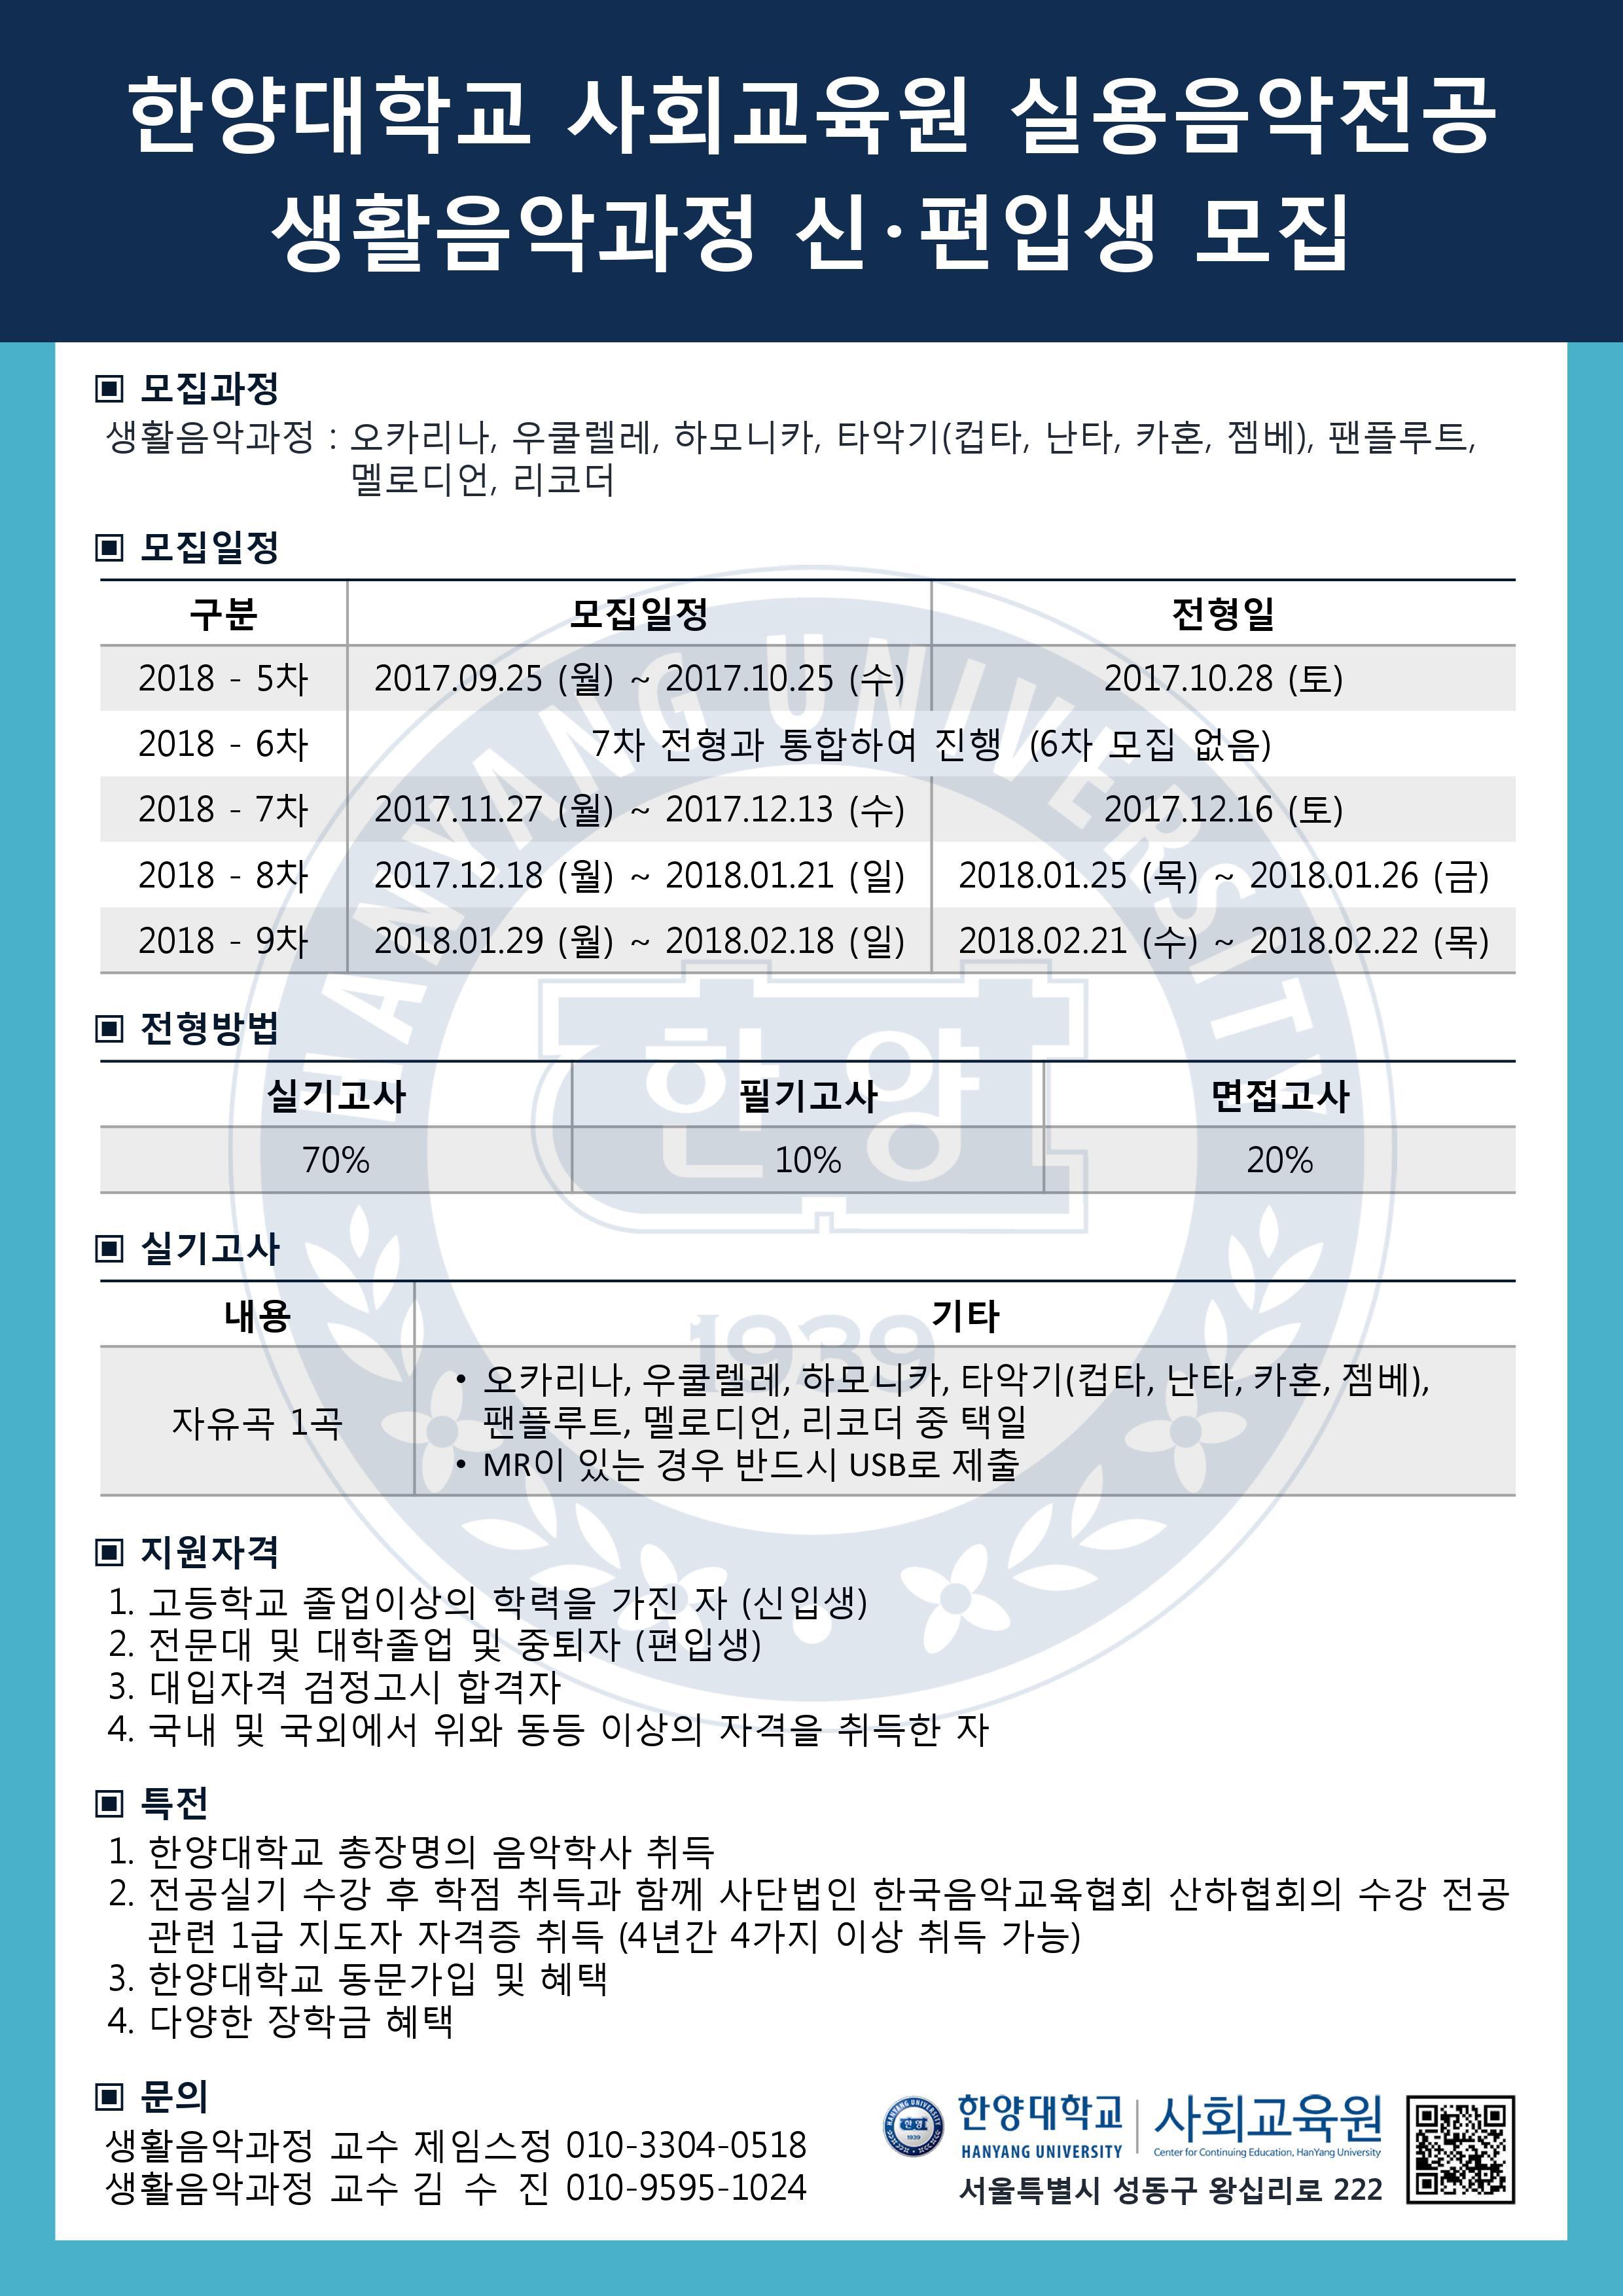 한양대학교 사회교육원 생활음악 홍보전단지(A4)-수정.jpg